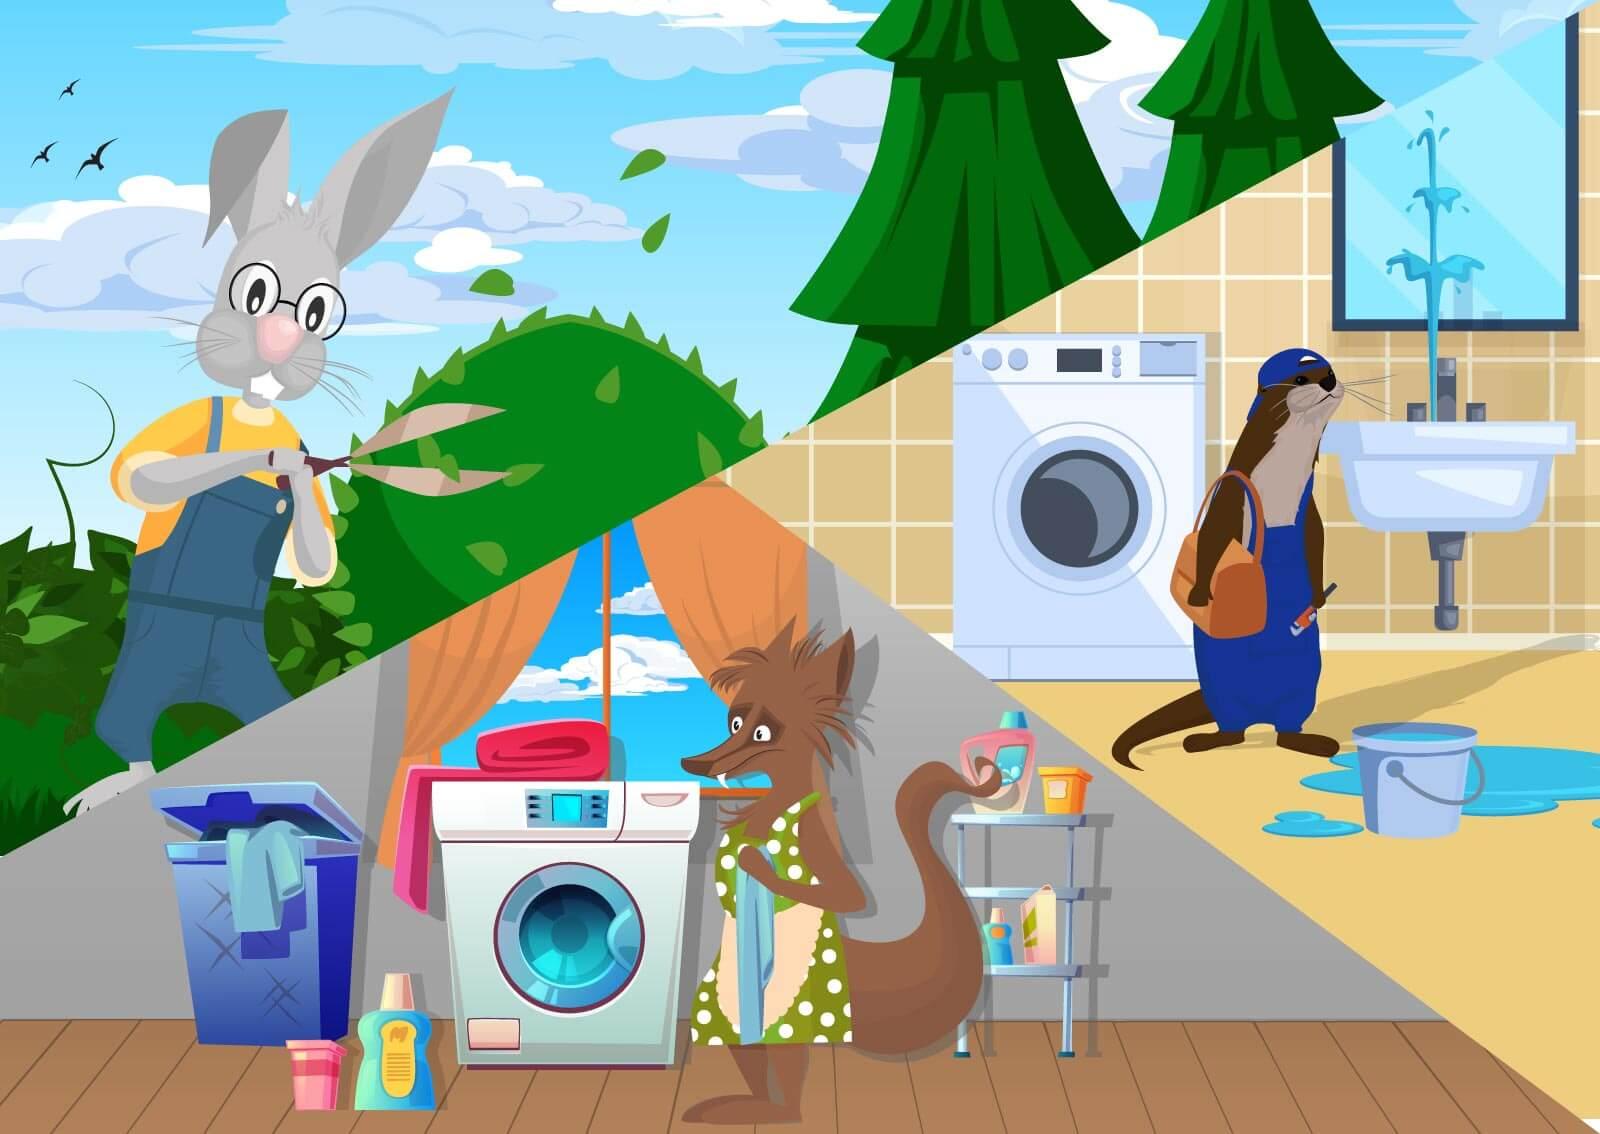 Ilustracija: zec baštovan, lisica pere veš i vidre kao vodoinstalater- usluge koje mogu primeniti one page business website